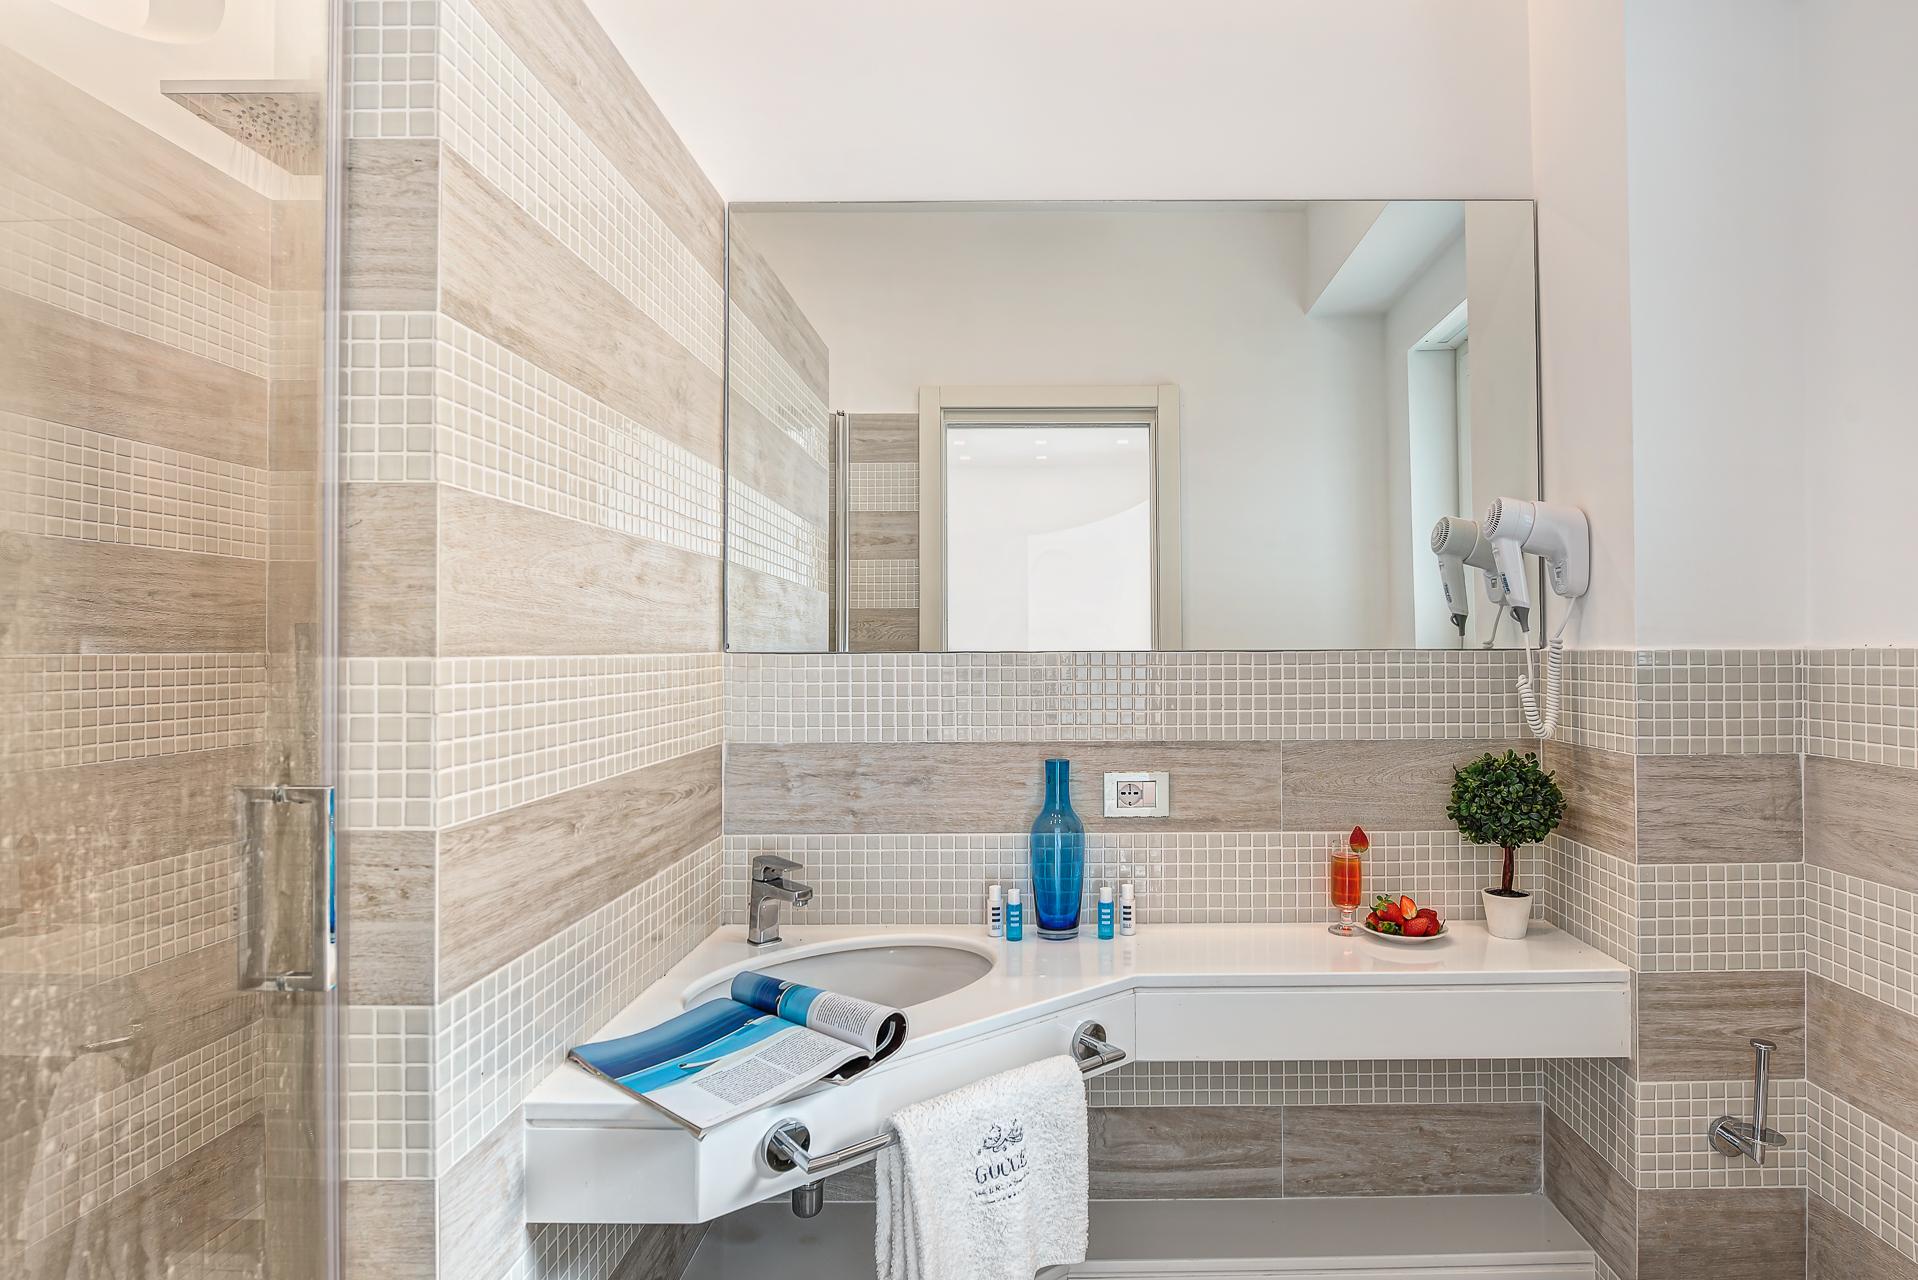 El Royale Suites Sorrento - Blanco photo 16233950